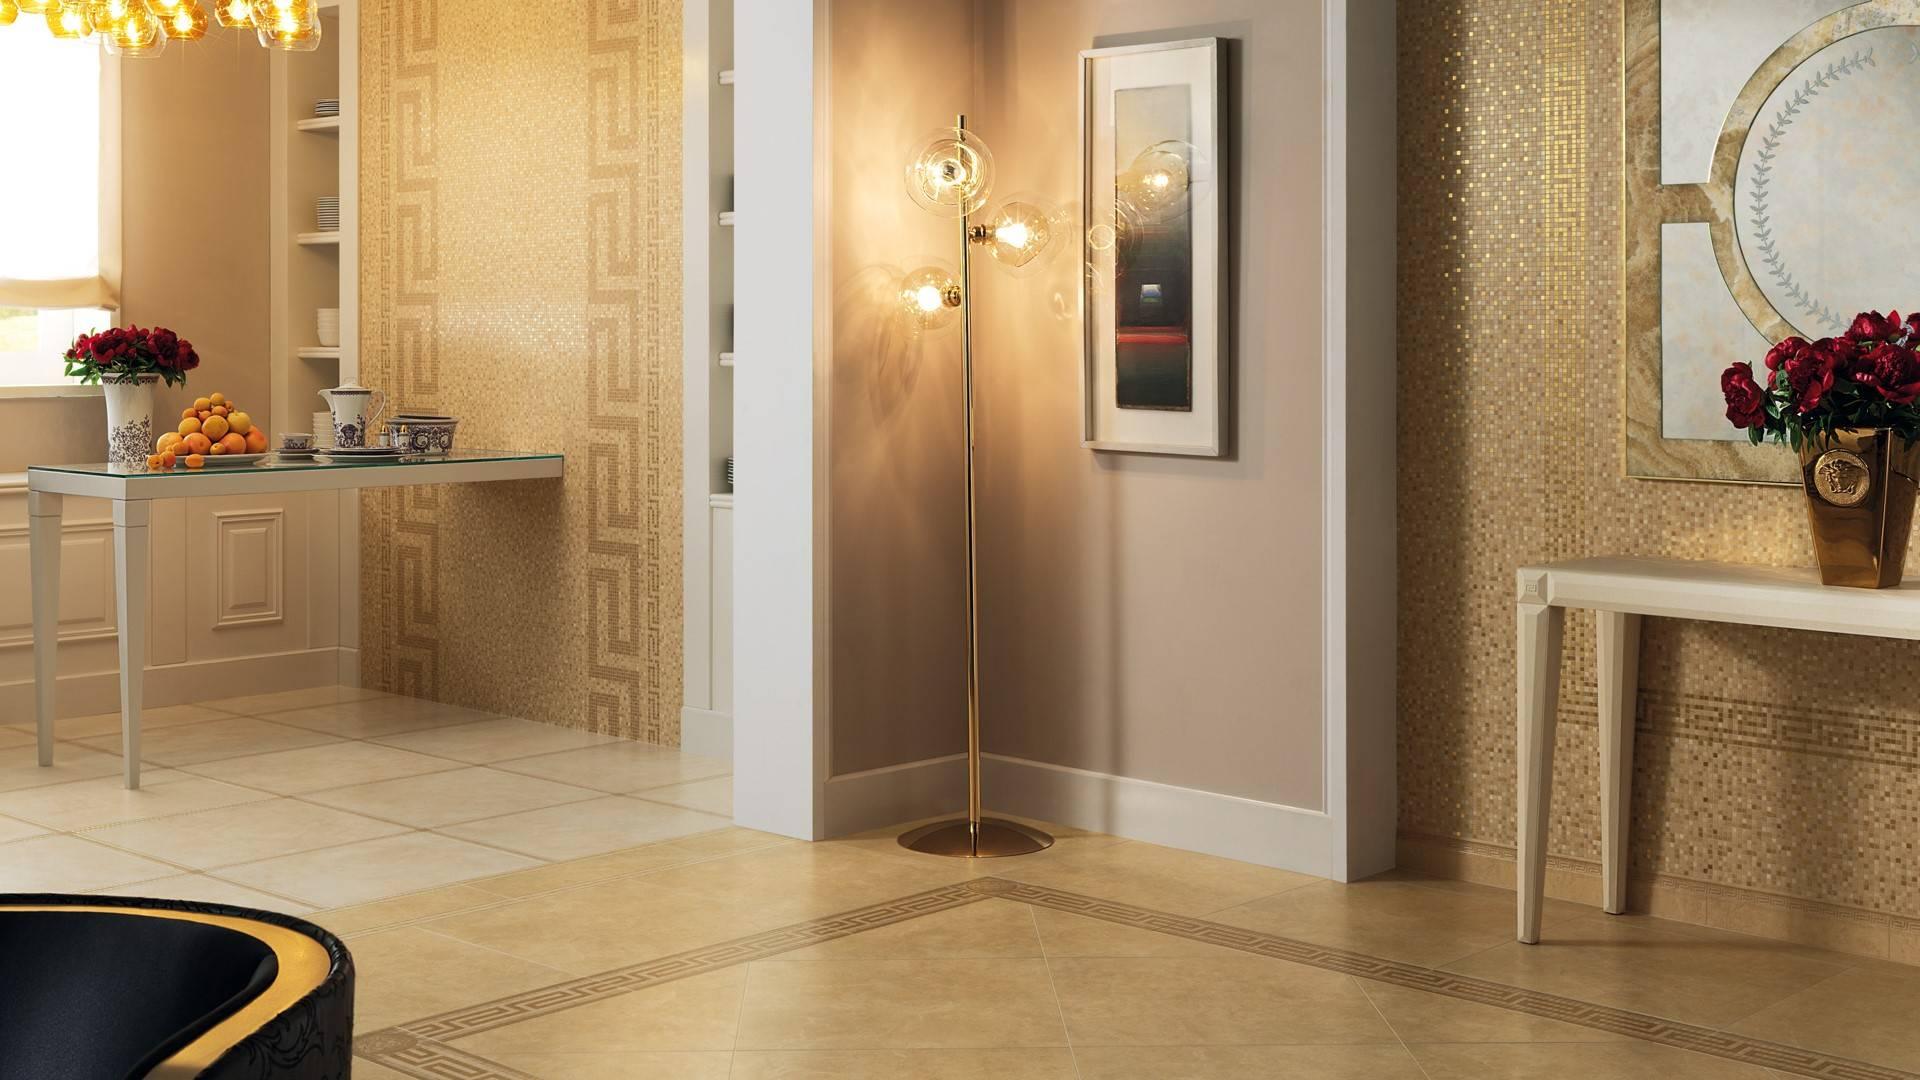 Светлая плитка на пол ( 38 фото): напольные изделия в интерьере, сочетания темных и светлых тонов